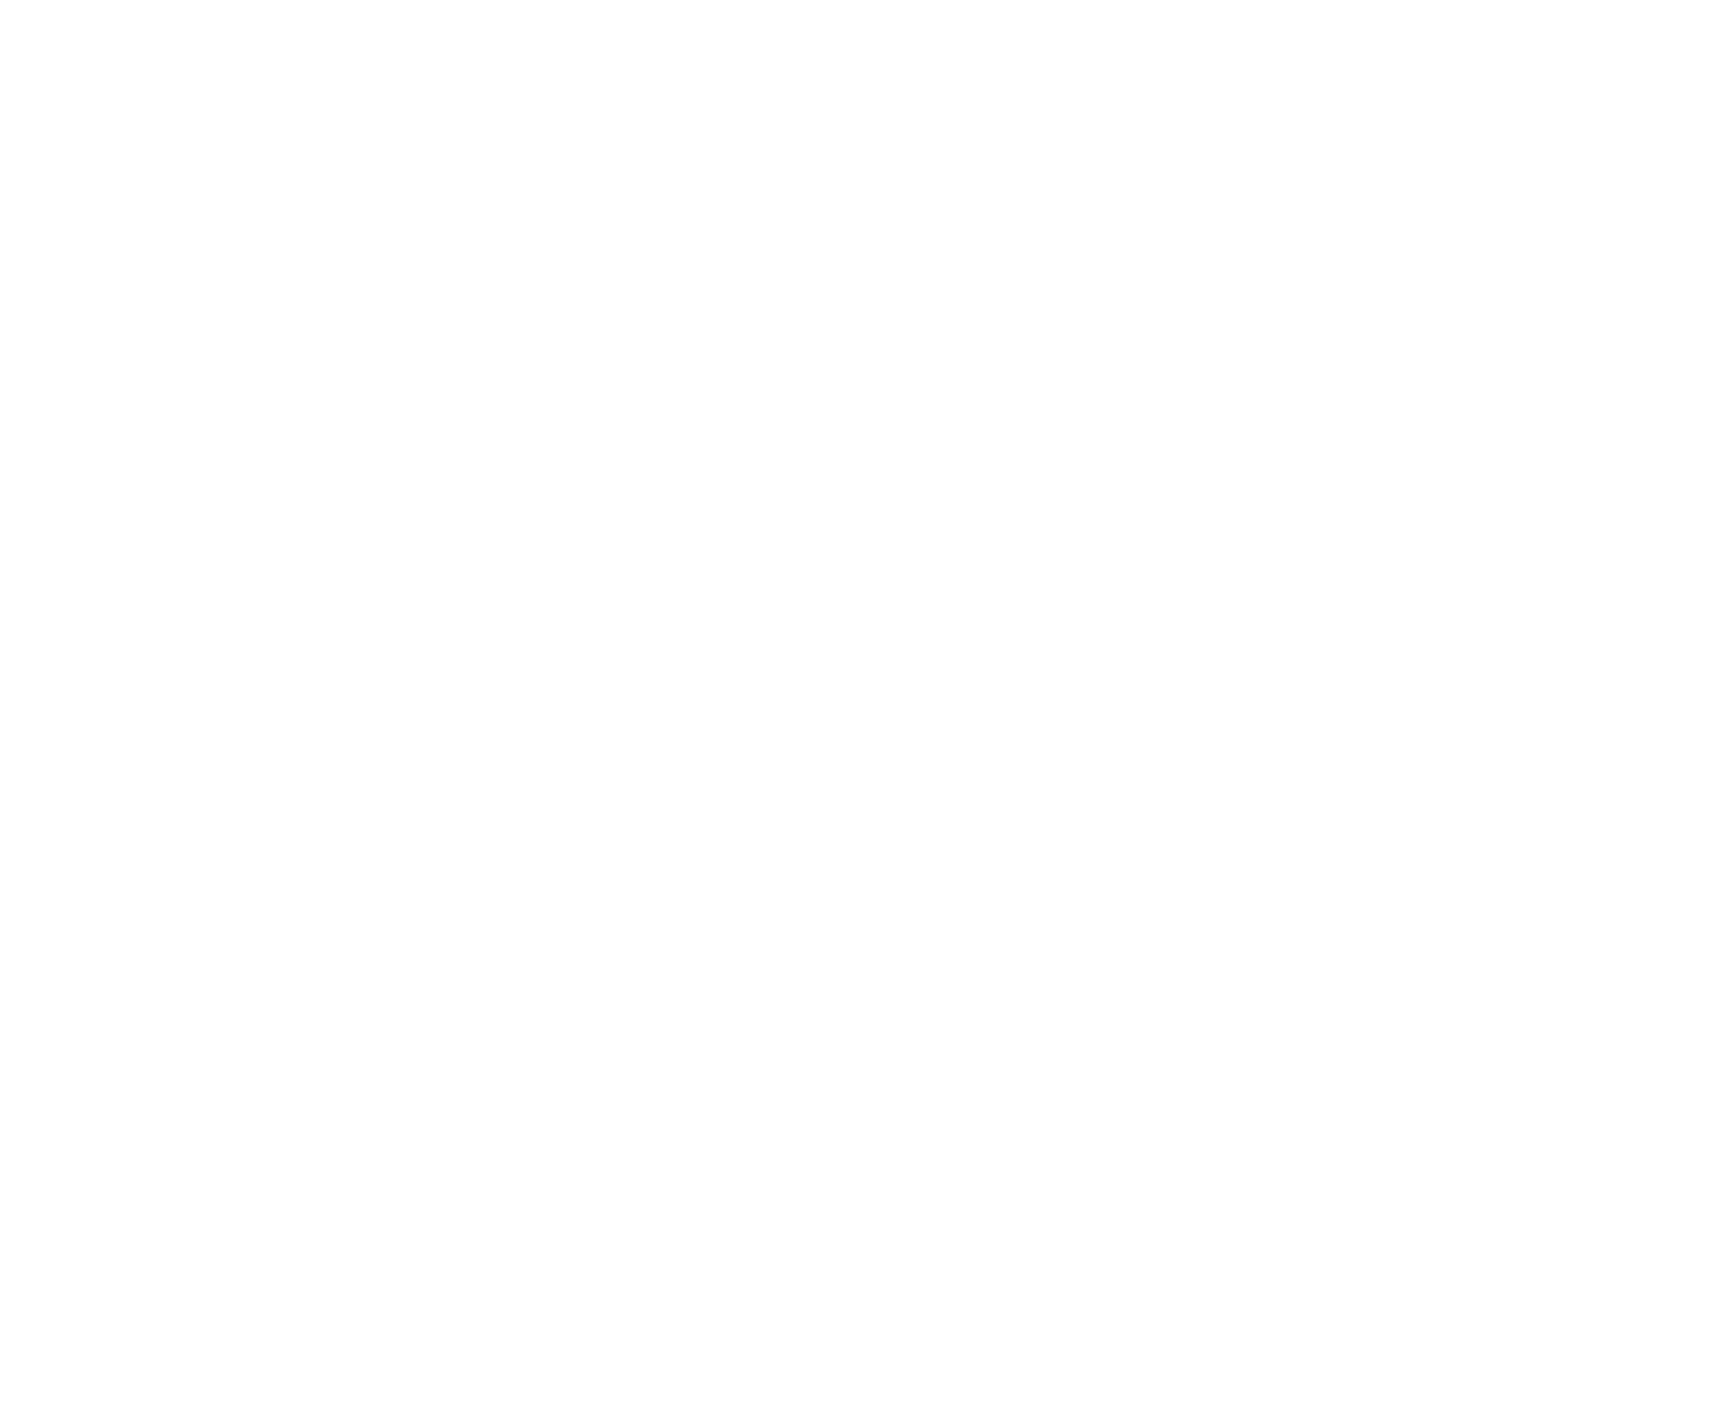 Logo ACFI - Services, assistance et dépannage informatique